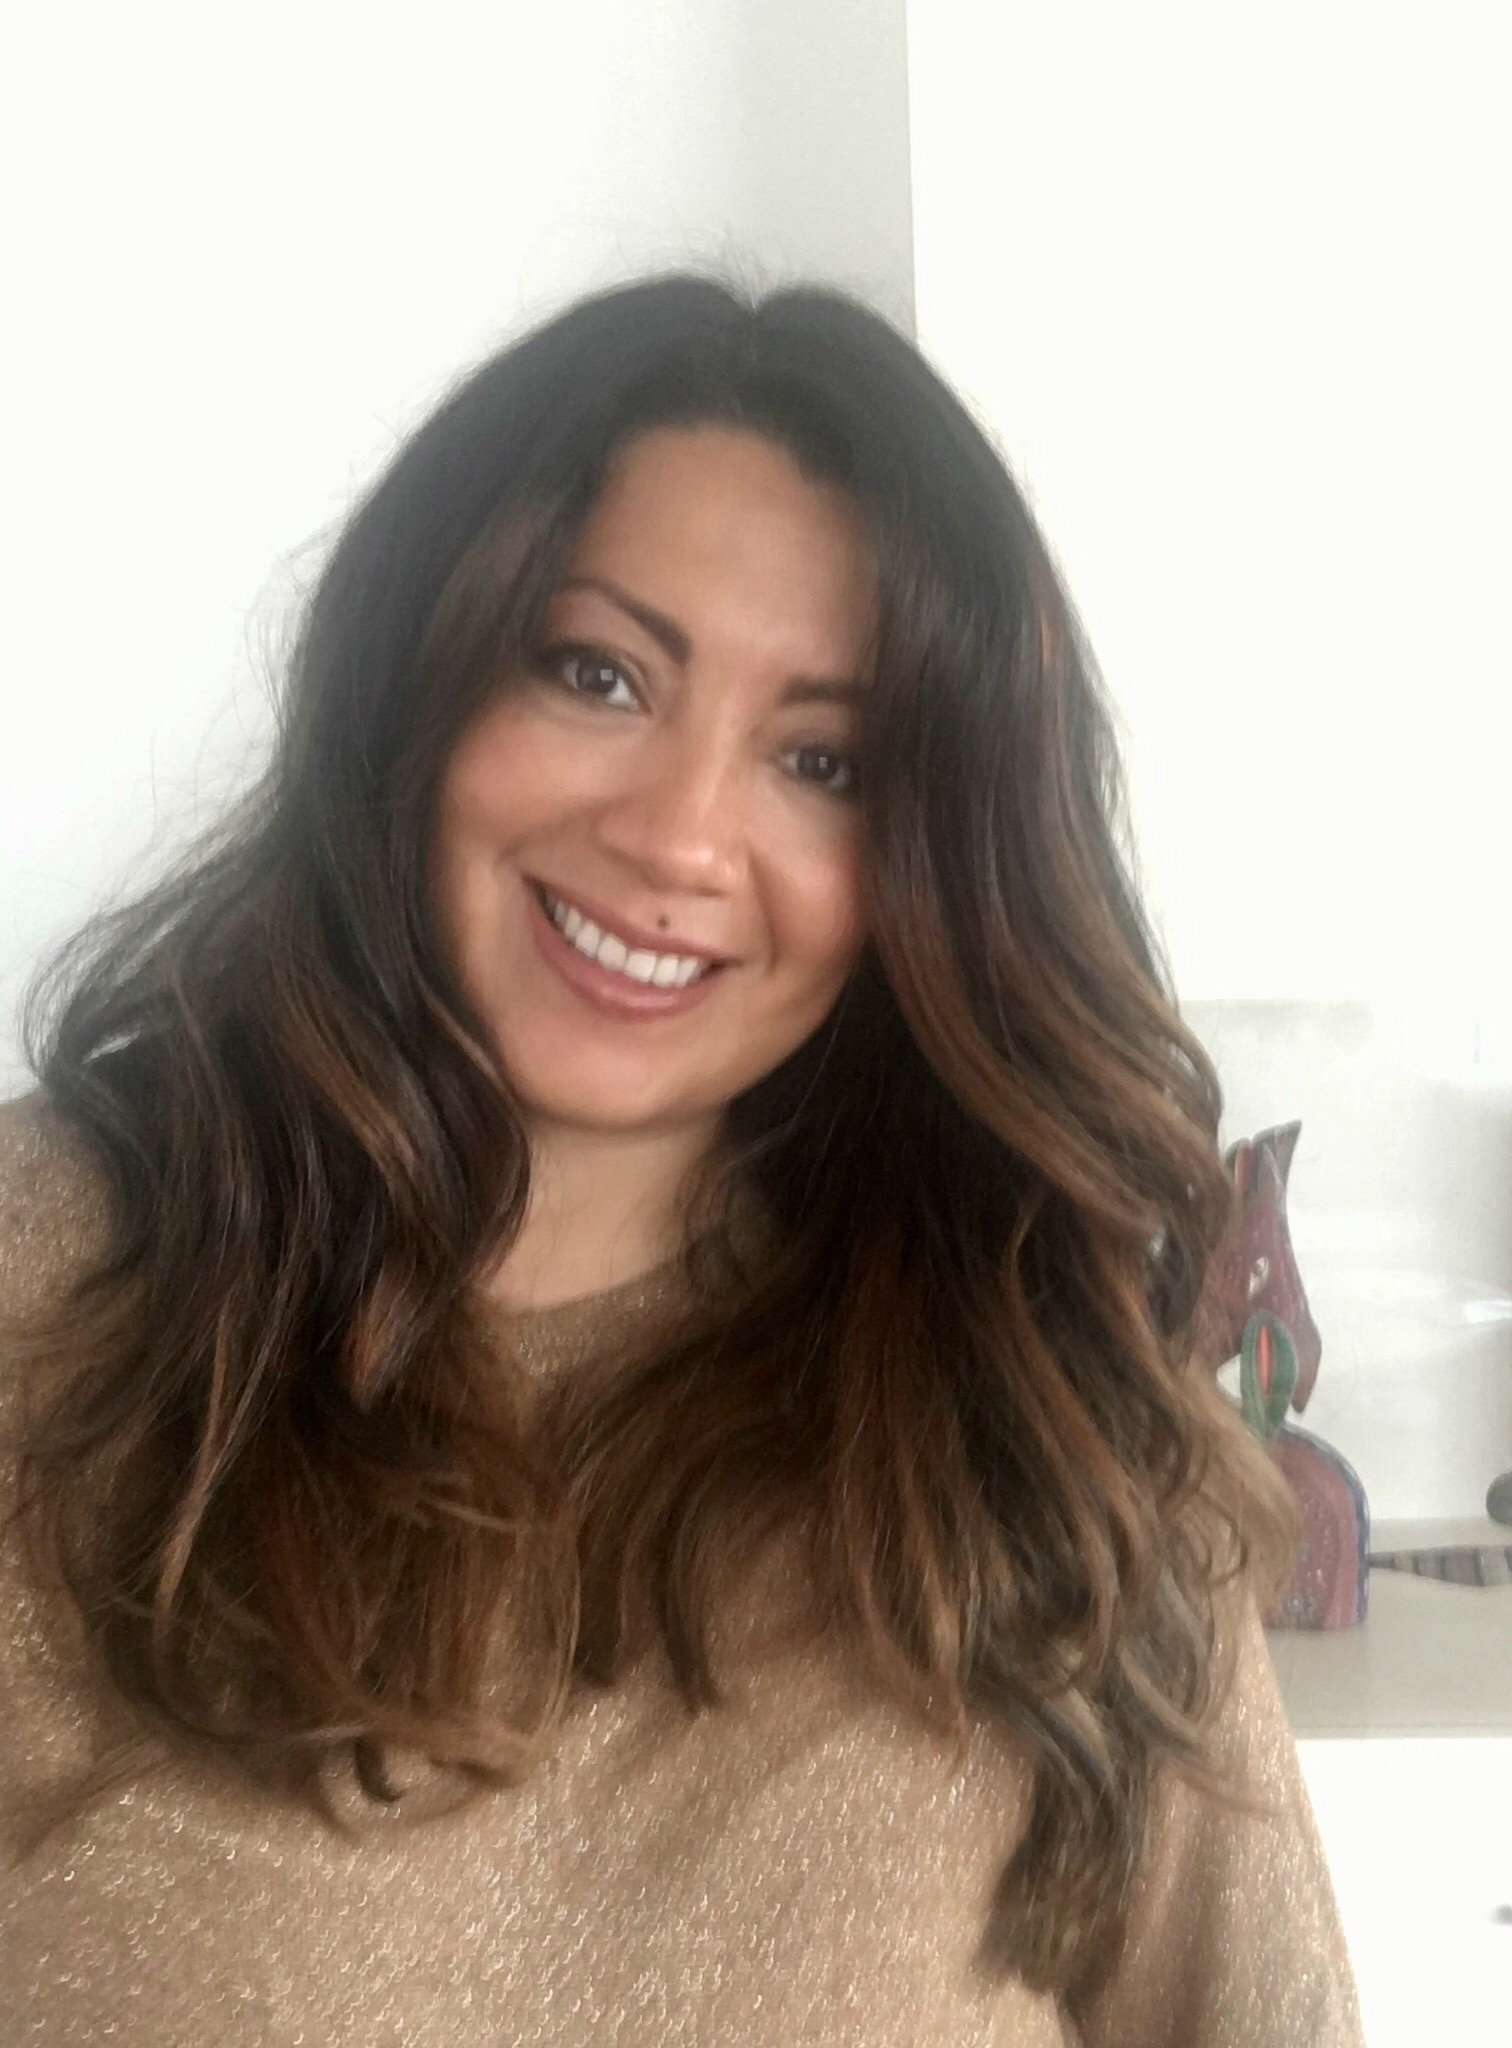 contactos con mujeres mexicanas